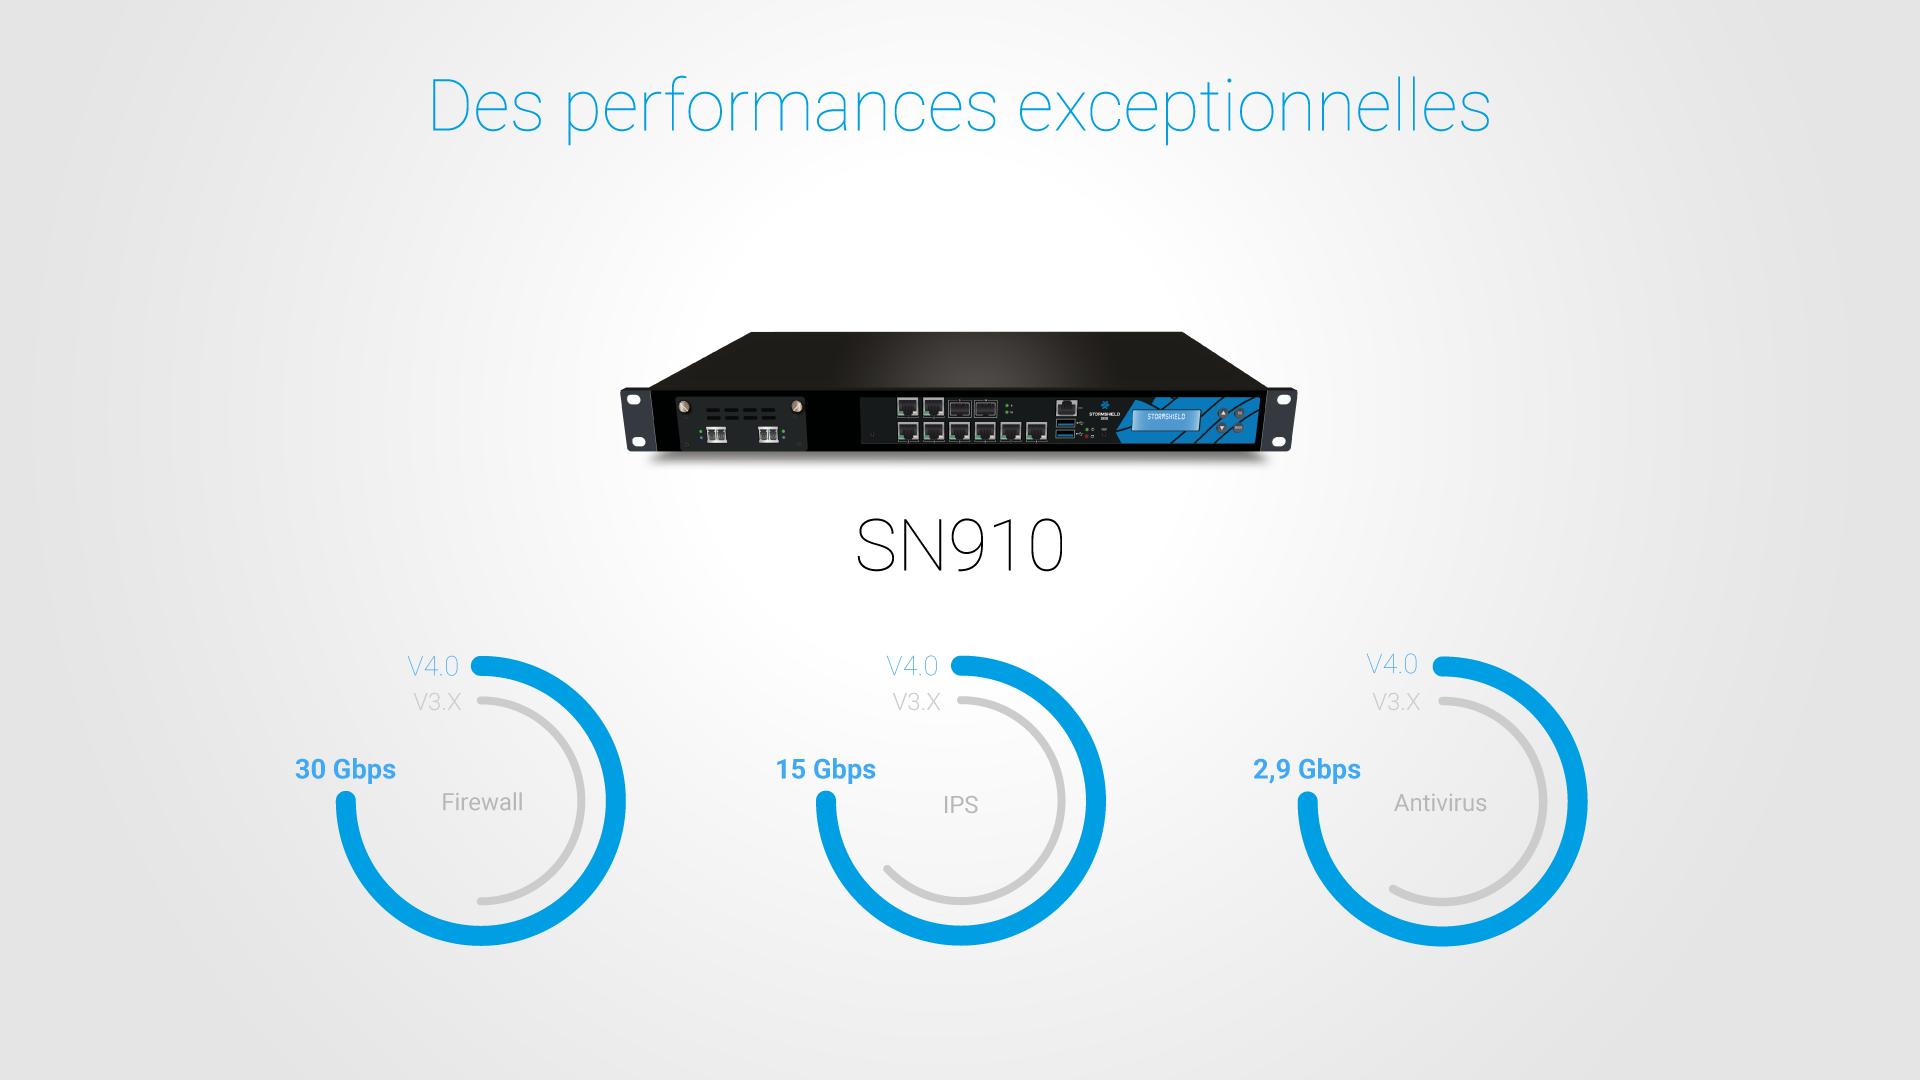 SNS V4.0 : des performances exceptionnelles Firewall, IPS et Antivirus pour le SN910